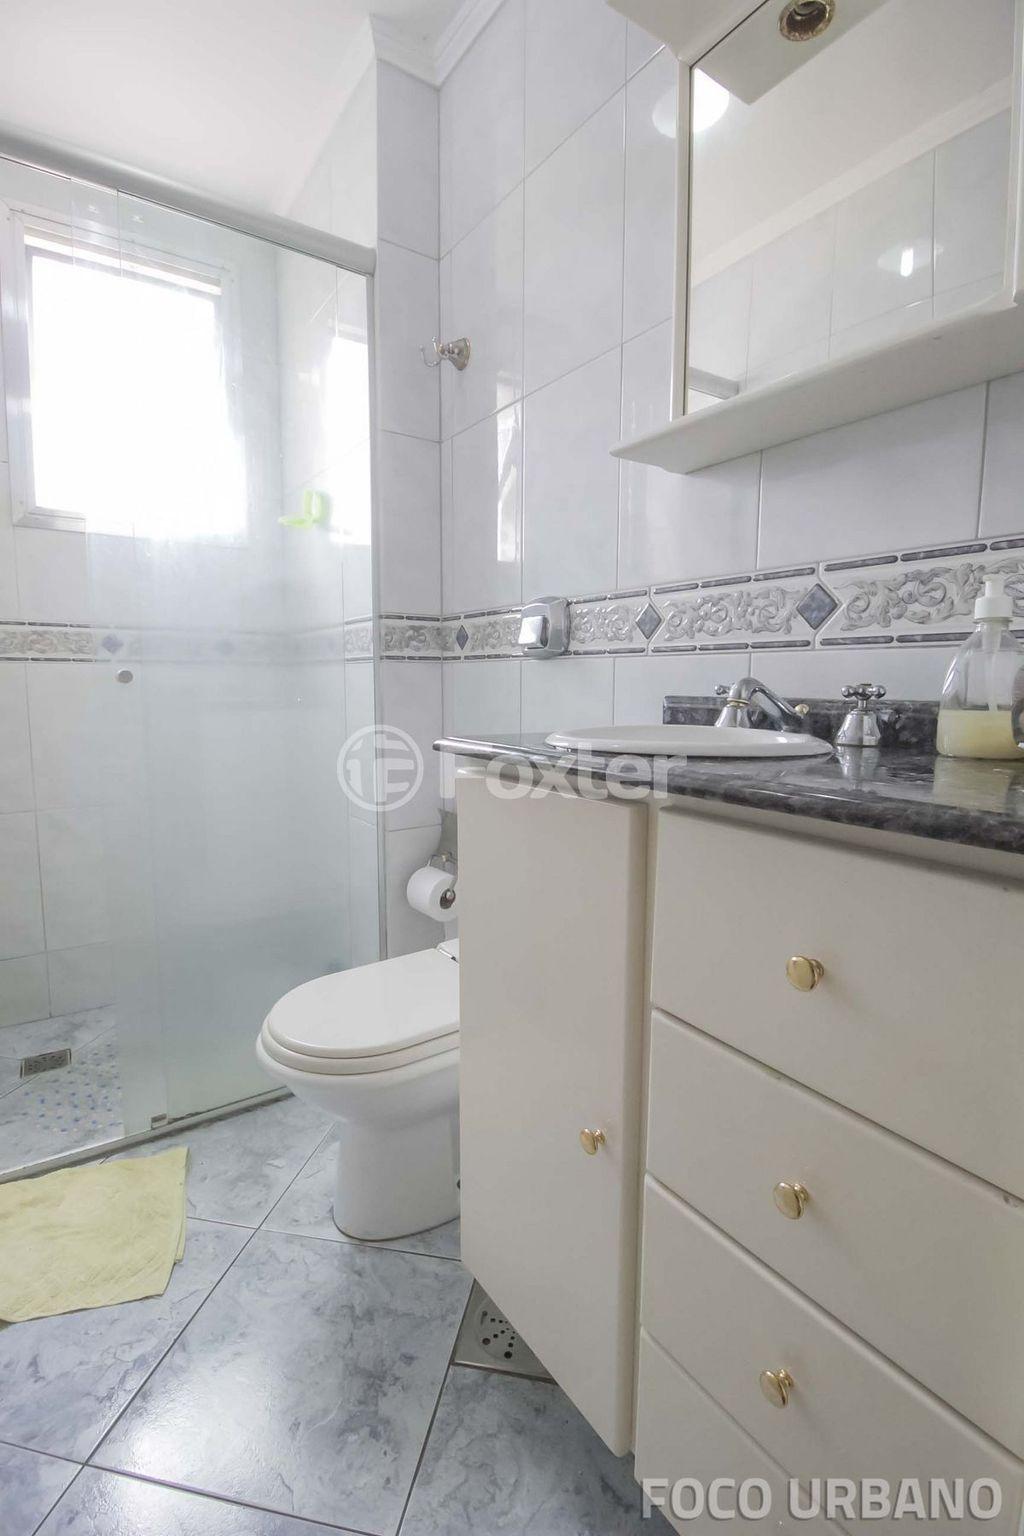 Foxter Imobiliária - Apto 1 Dorm, Petrópolis - Foto 12